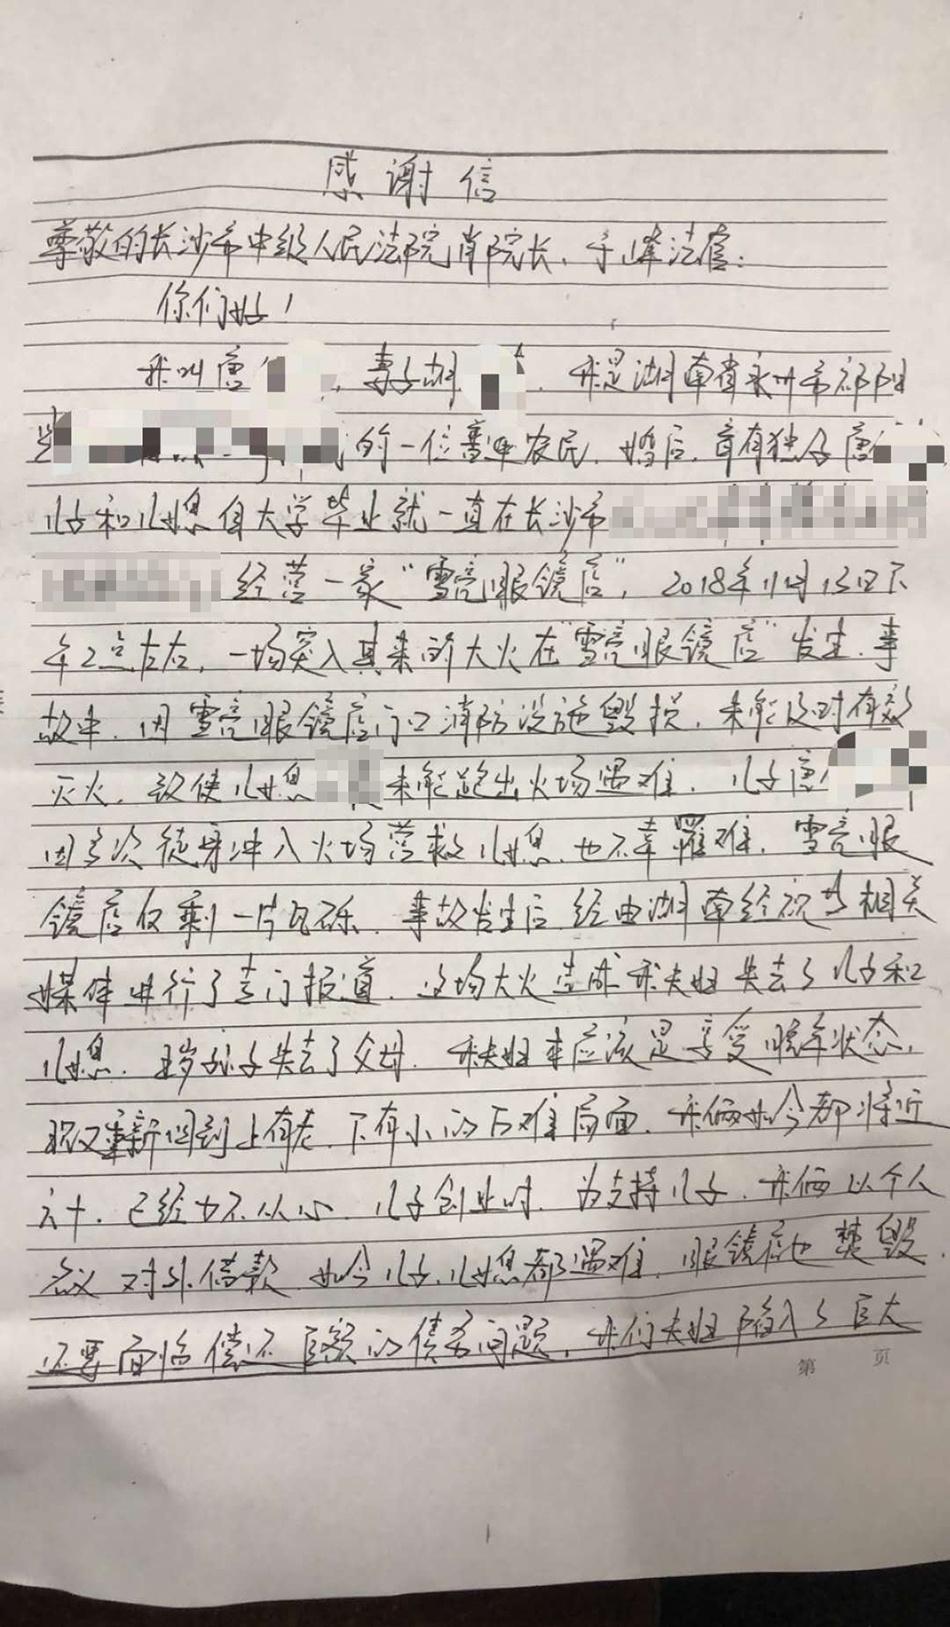 公安部严打倒卖熔喷布违法犯罪,抓获犯罪嫌疑人42人